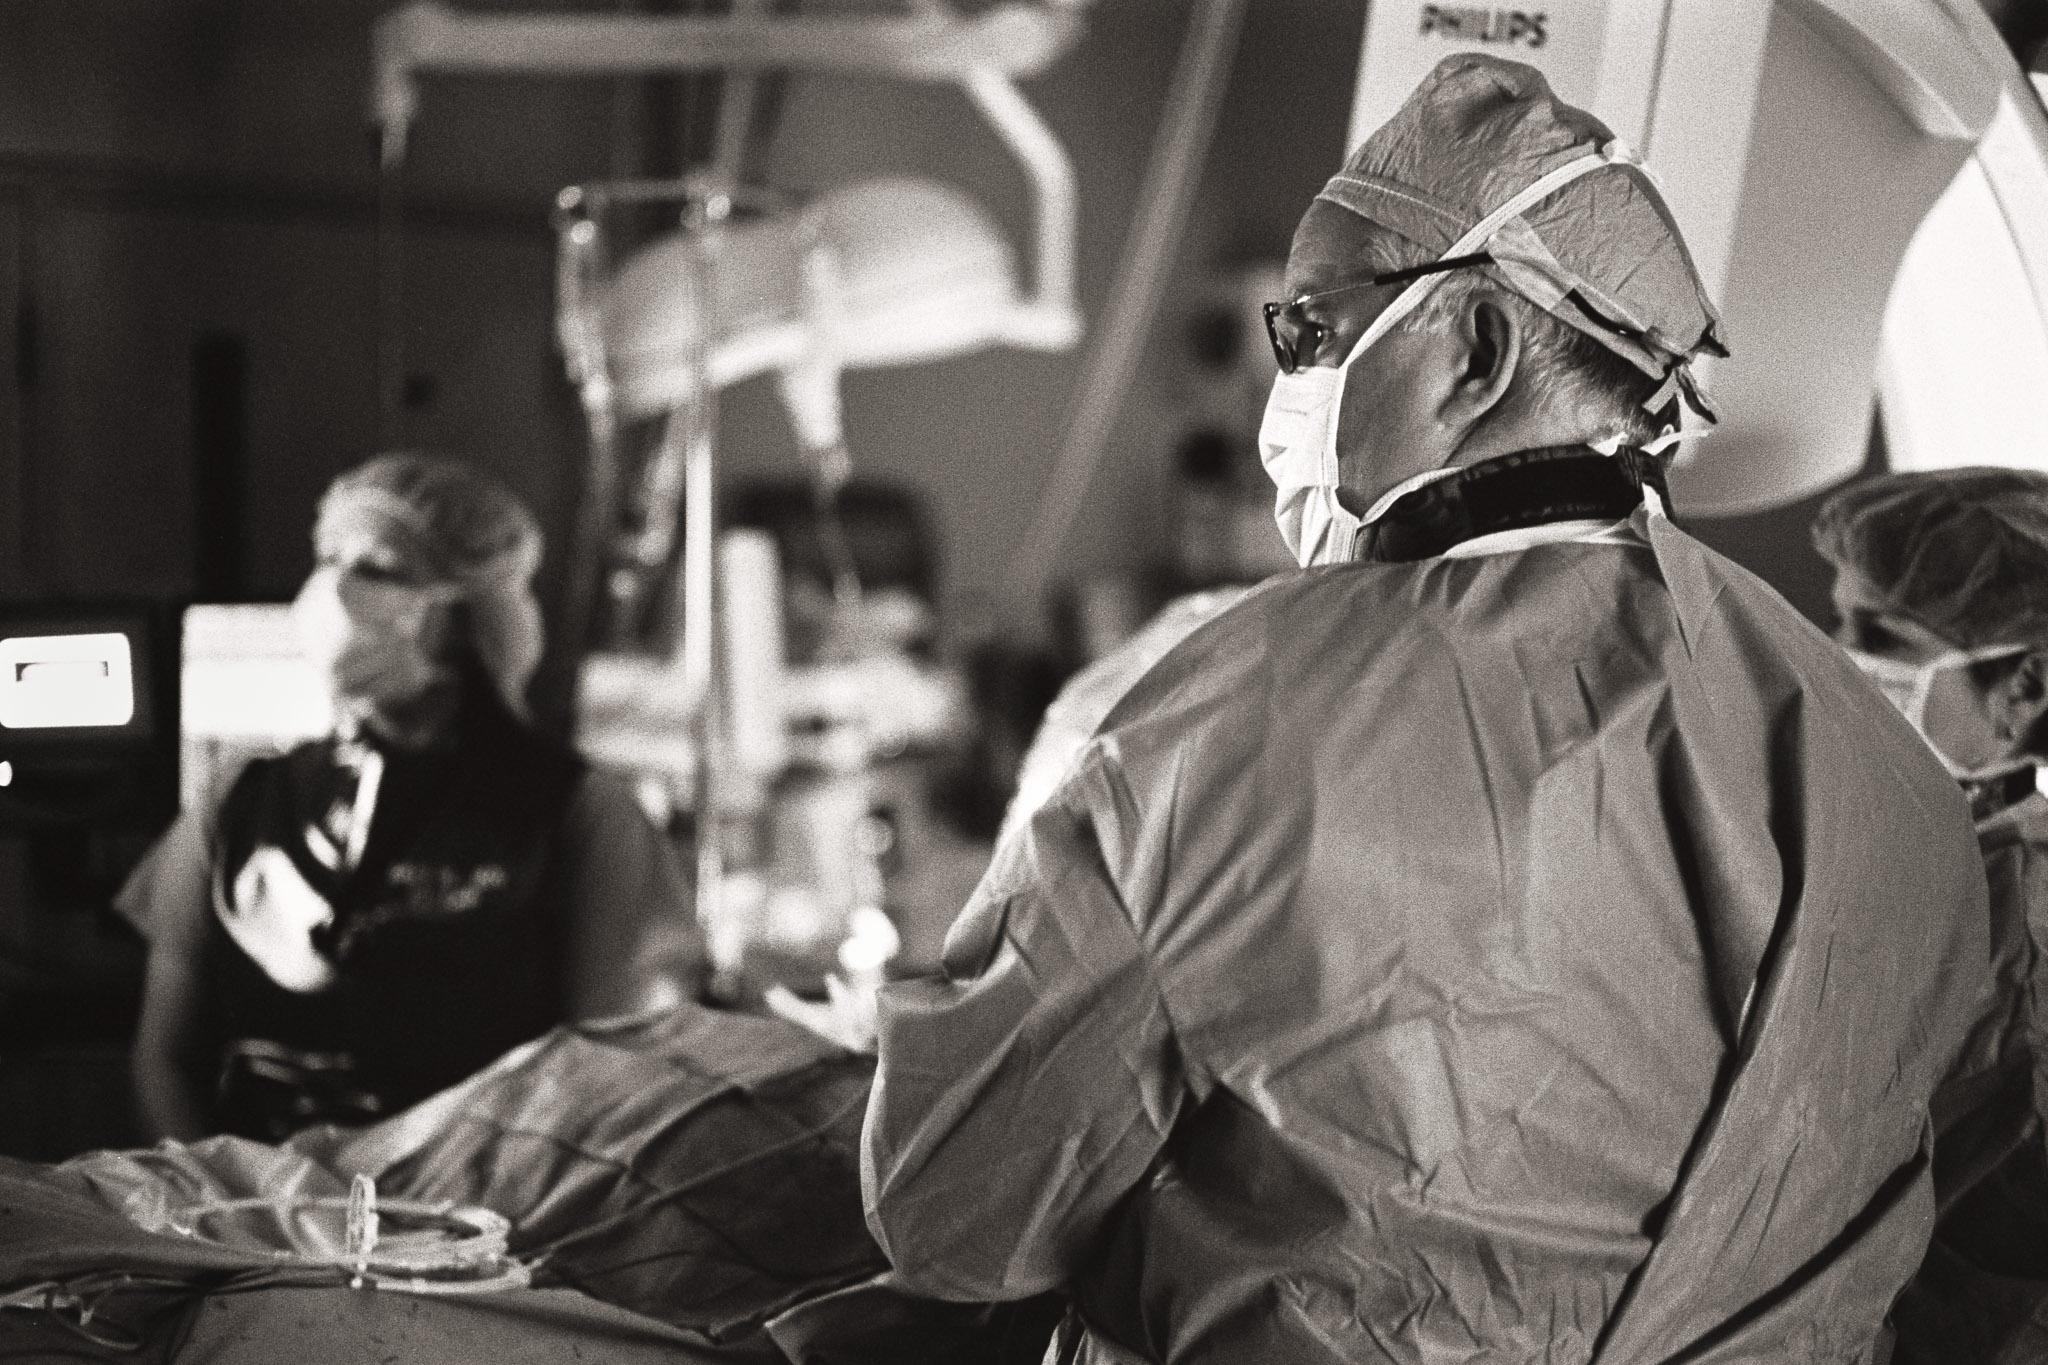 hospital_Lomanno_5881_AA022.jpg